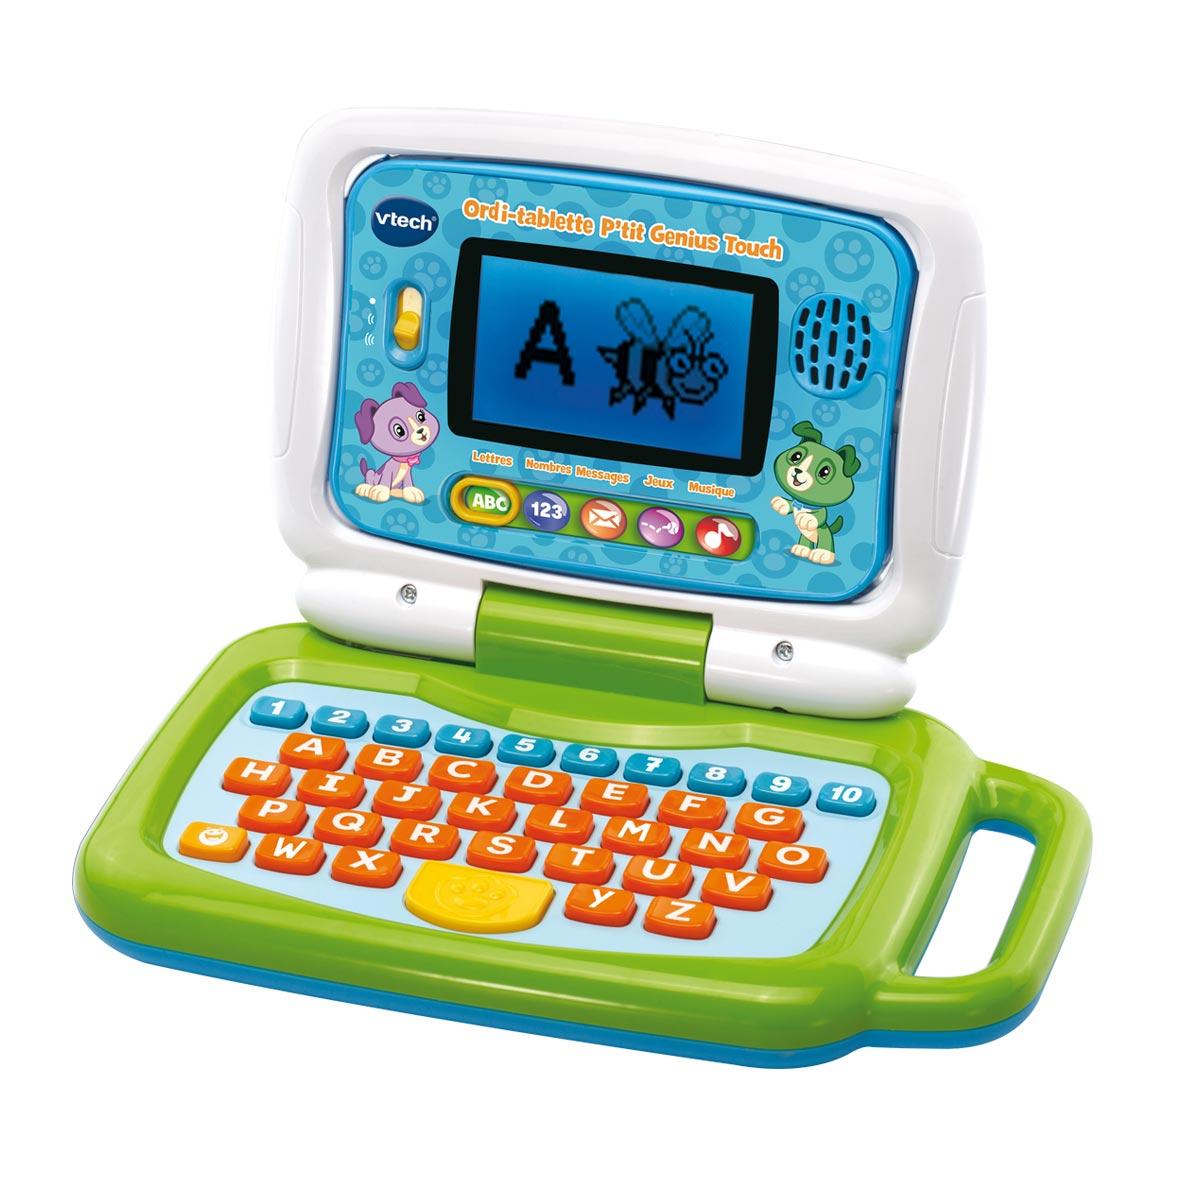 Ordi Tablette P'tit Génius Touch intérieur Tablette Enfant Fille